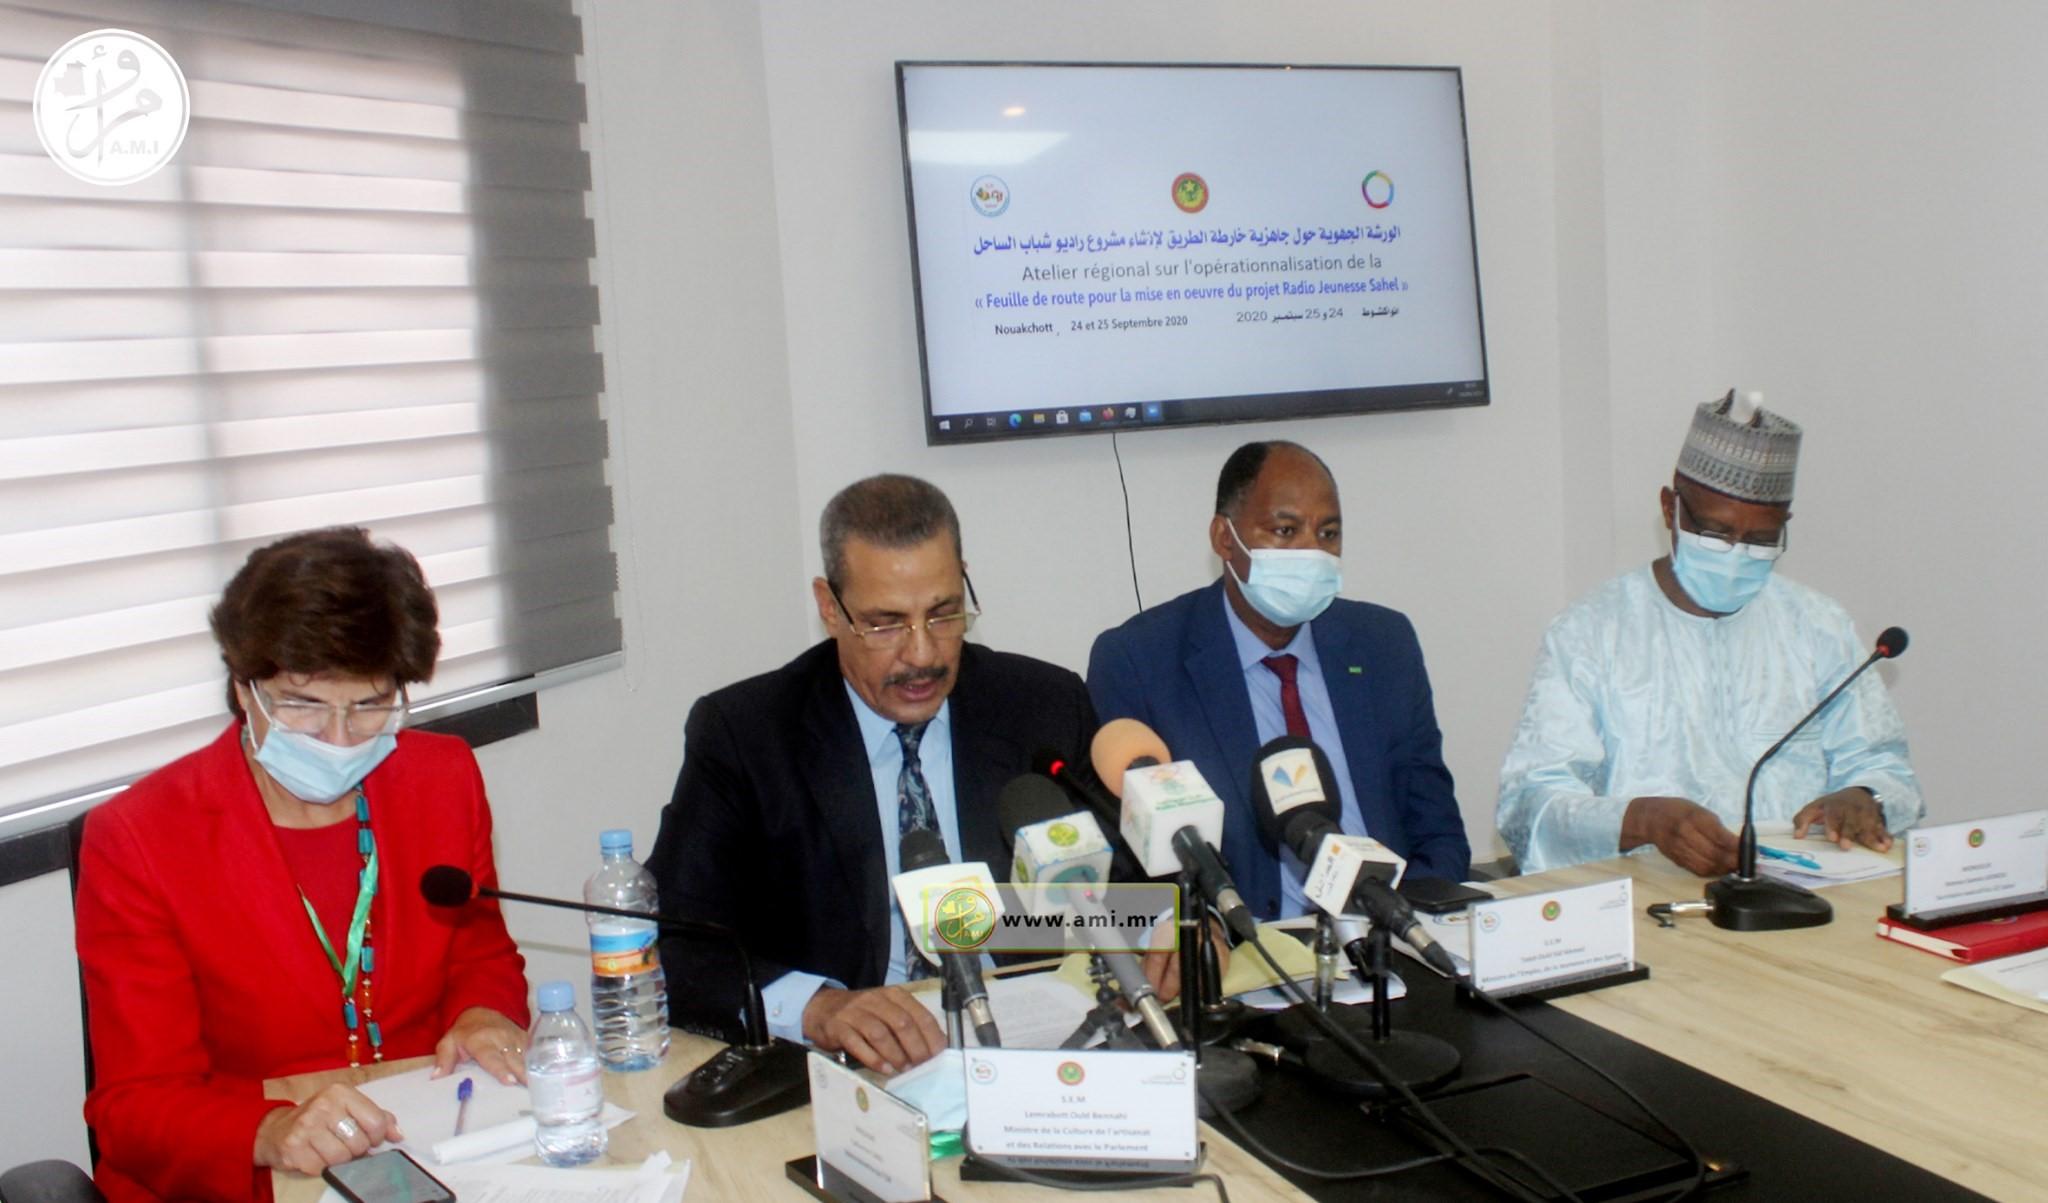 منصة افتتاح الورشة اليوم في مقر الأمانة الدائمة لمجموعة دول الساحل بنواكشوط (وما)